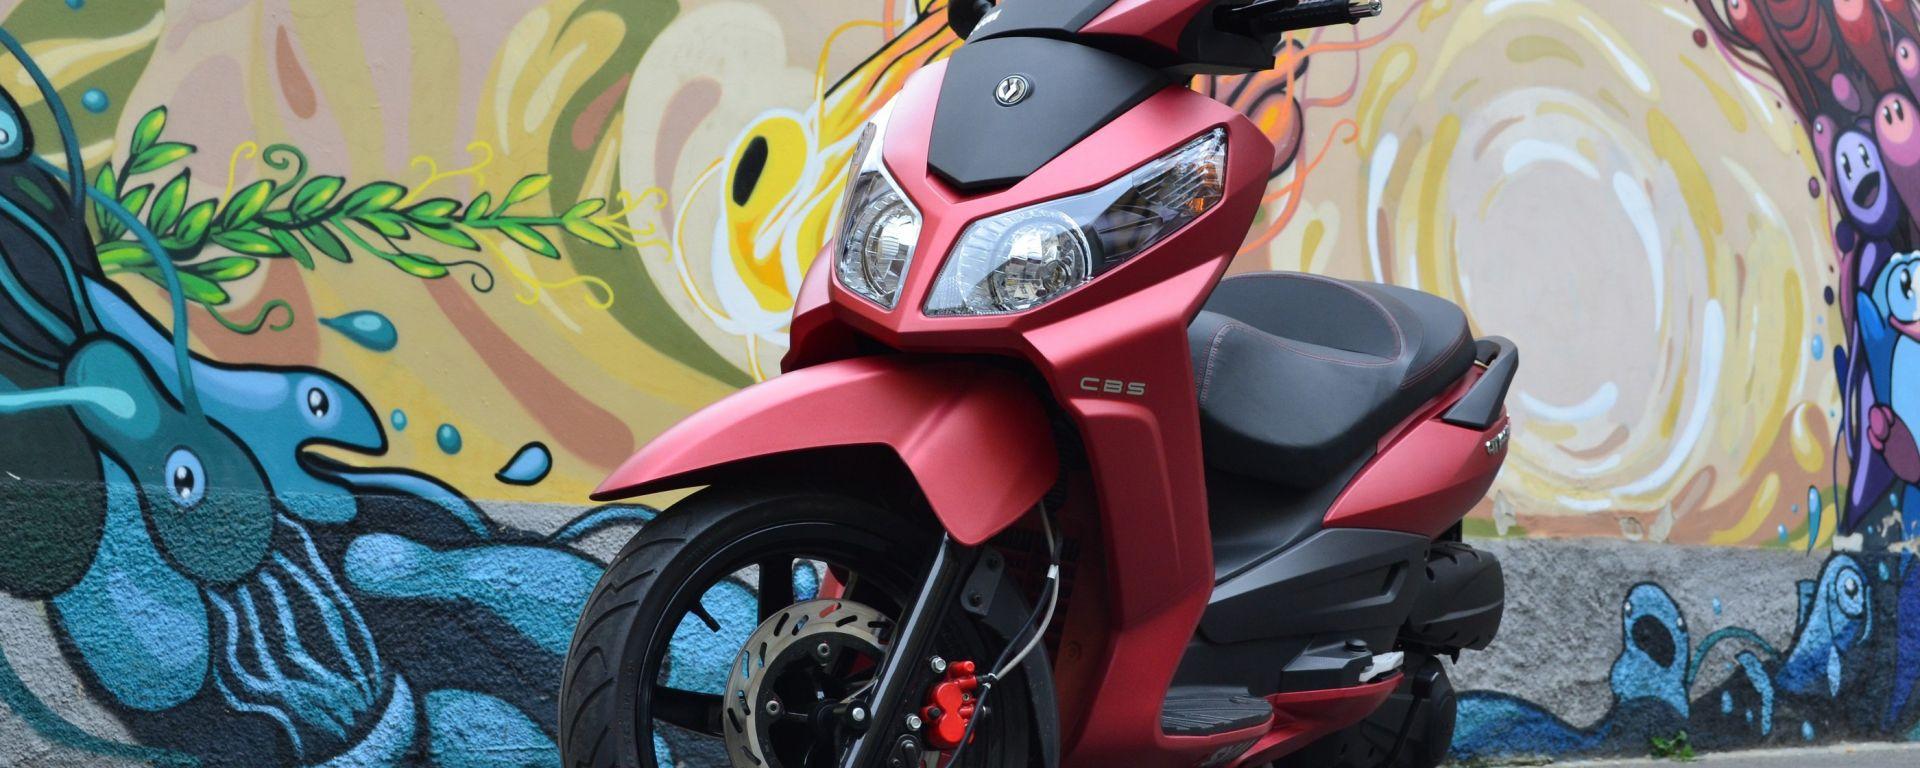 SYM: promozioni su tutta la gamma scooter